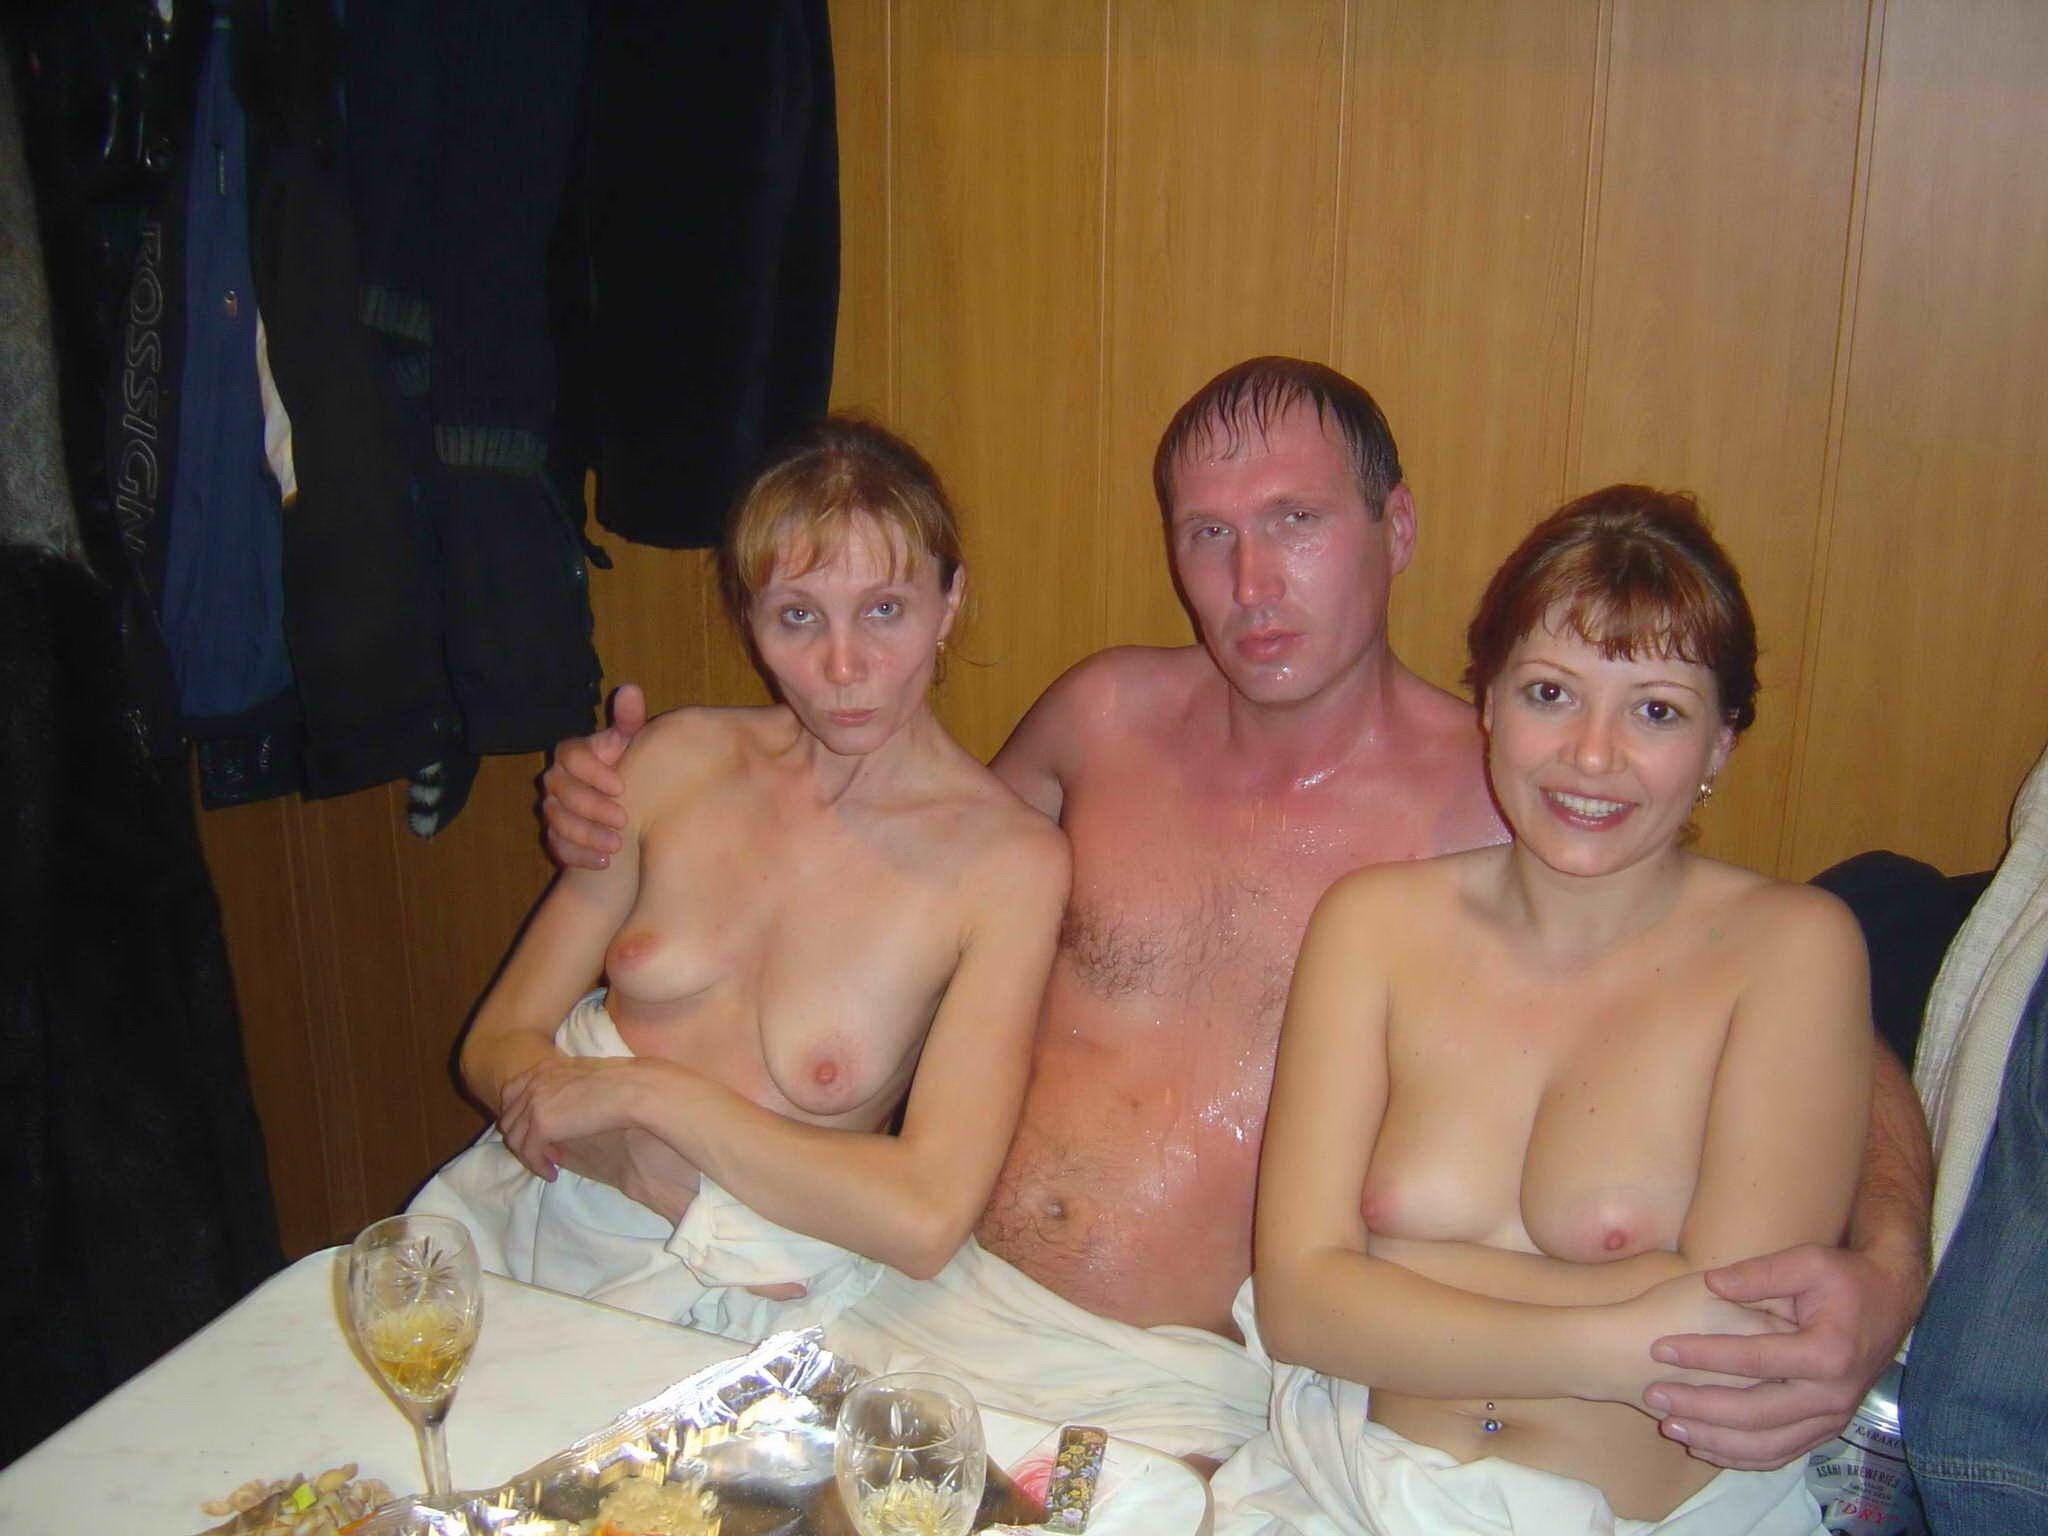 Семьи нудистов в бане фото, Голый Боди Арт в бане с нудистами 5 фотография